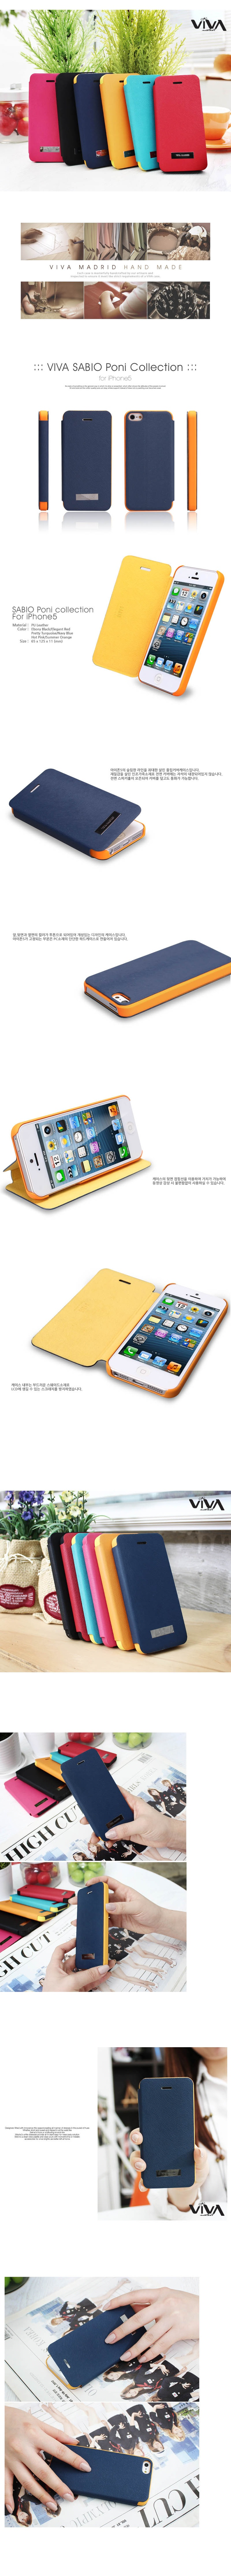 그린피플 [VIVA] Sabio 아이폰5 케이스] iPhone5